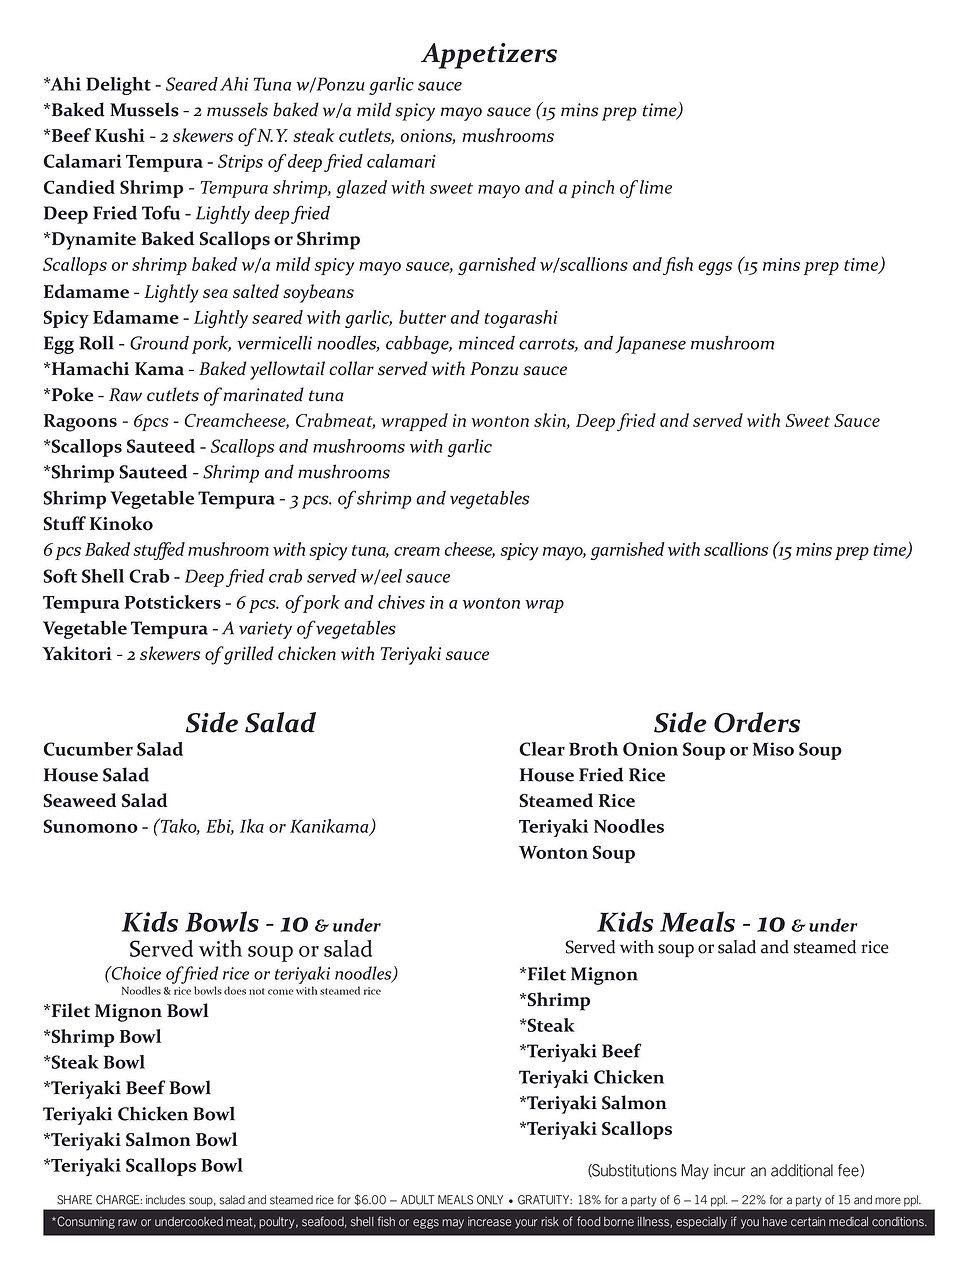 Dine In Menu No Price 1.jpg